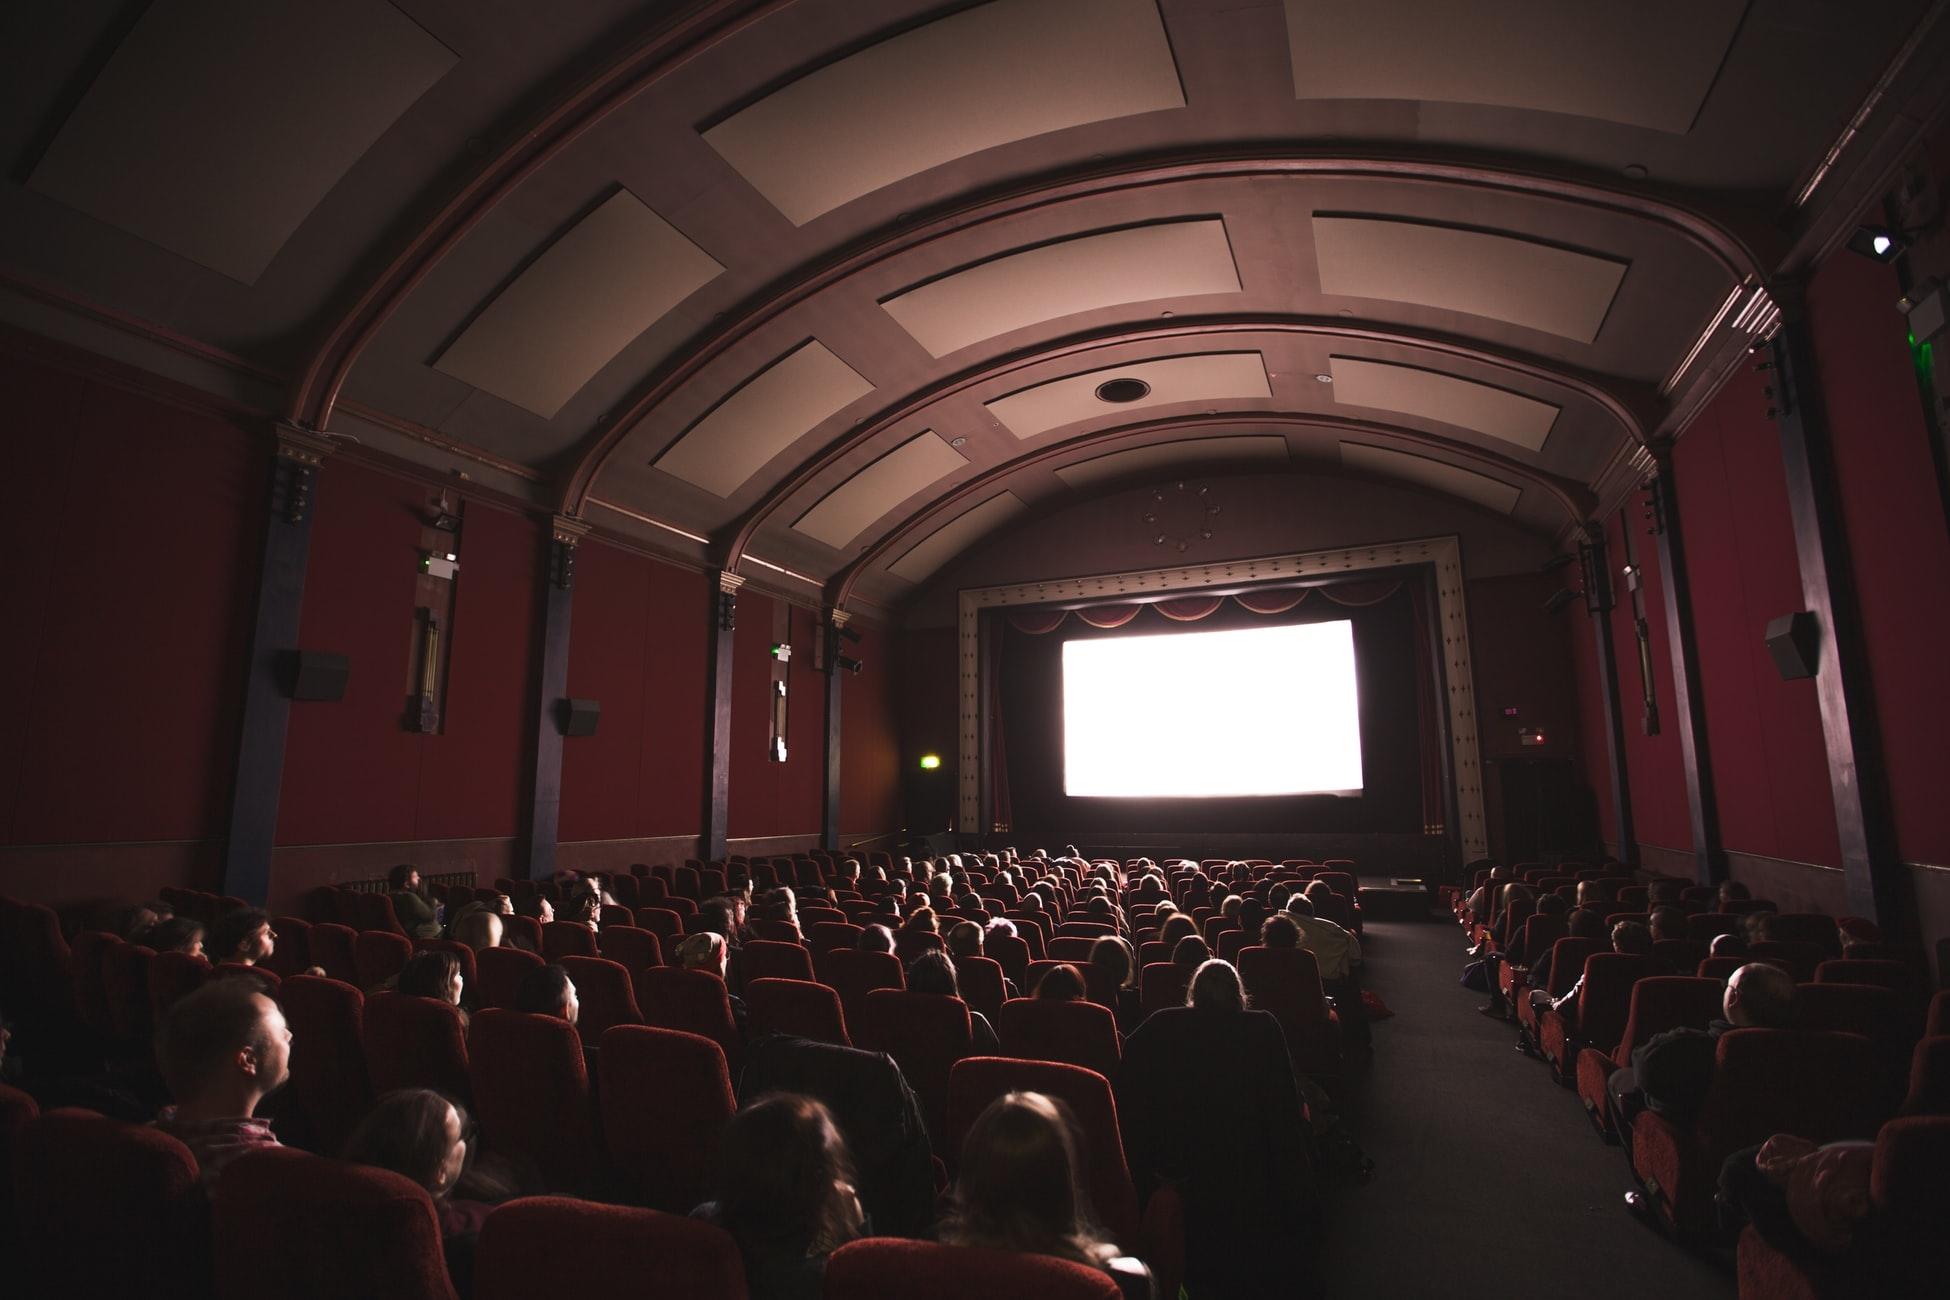 1. リラックスして楽しめる「映画館」